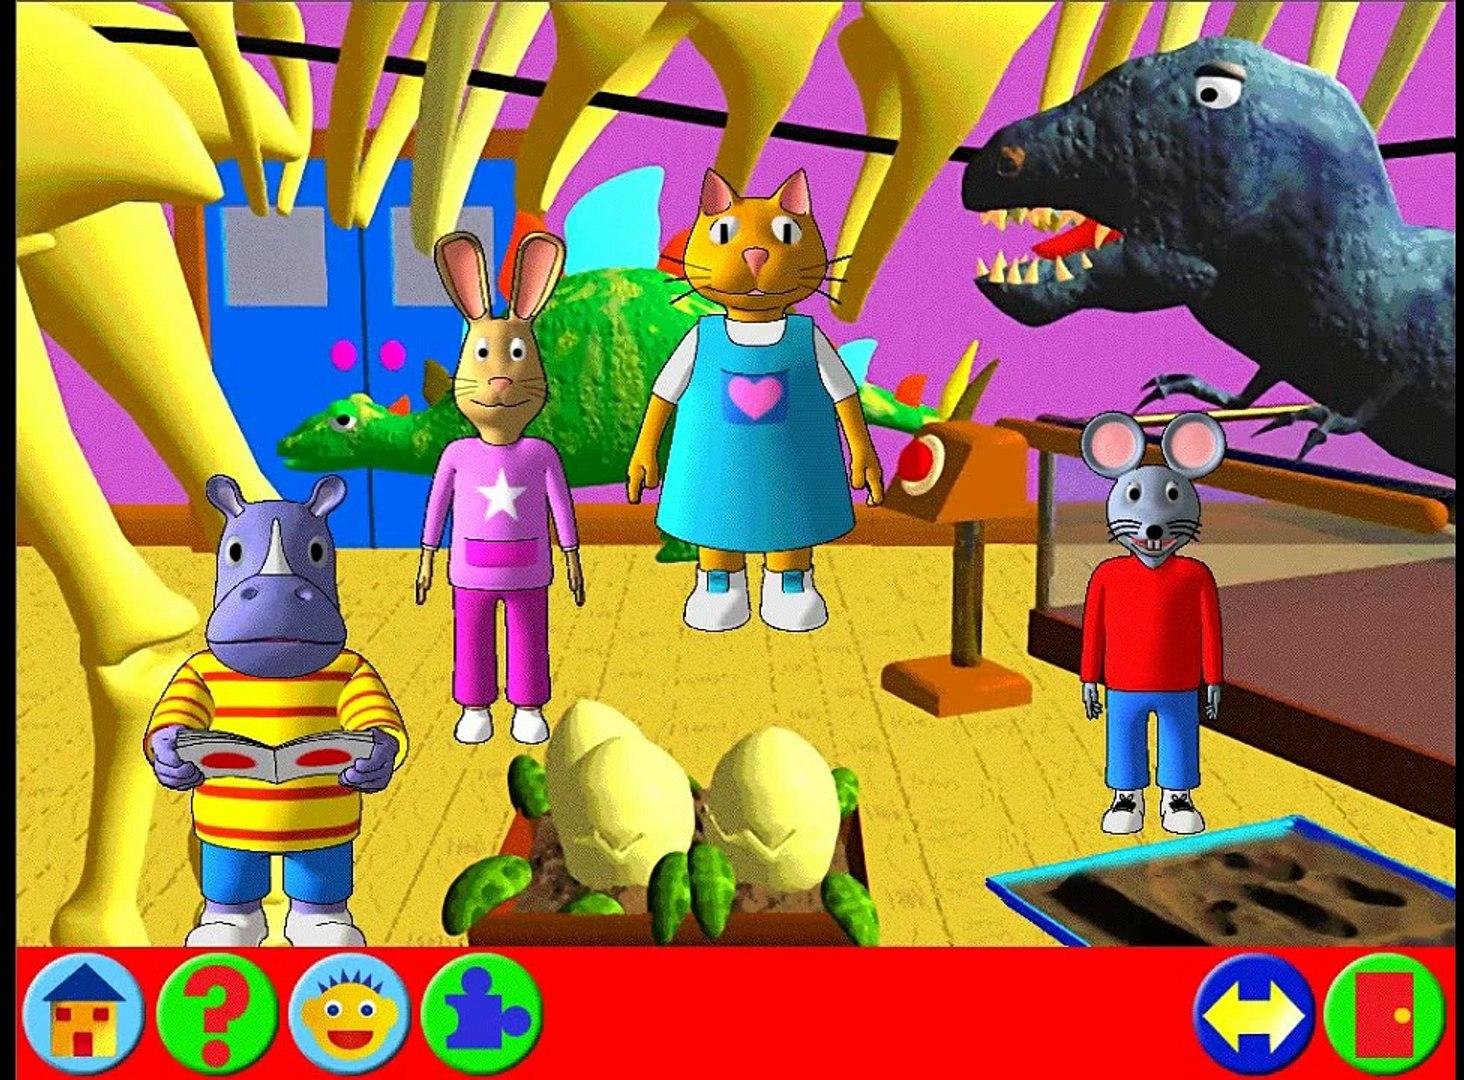 Страница znanij Встреча De Agostini с динозаврами